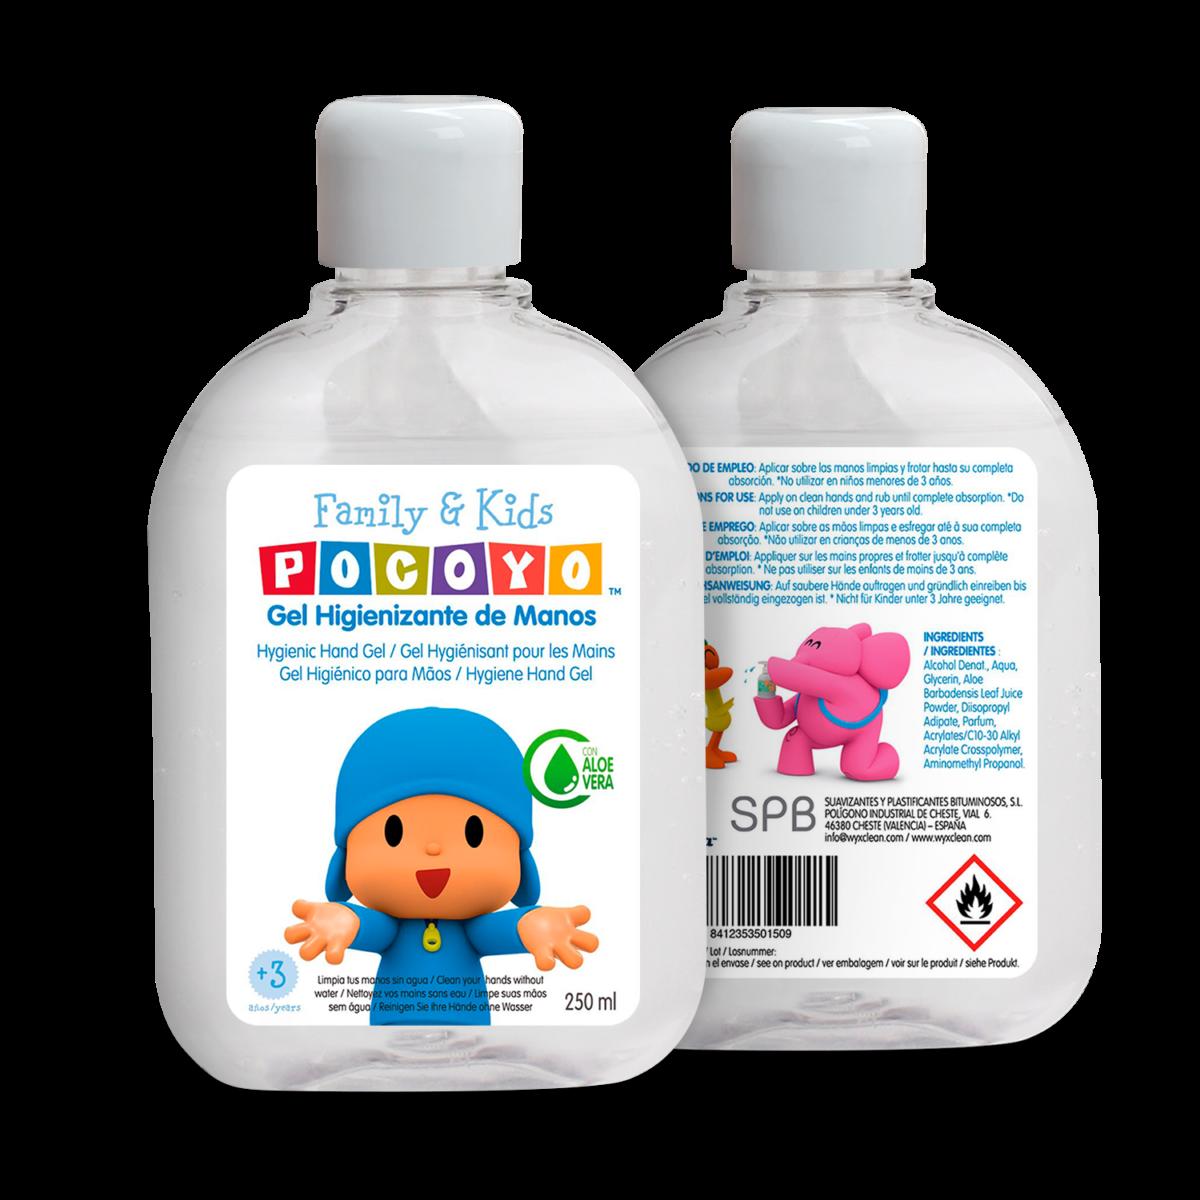 Gel higienizante y mascarillas de Pocoyó para los más pequeños